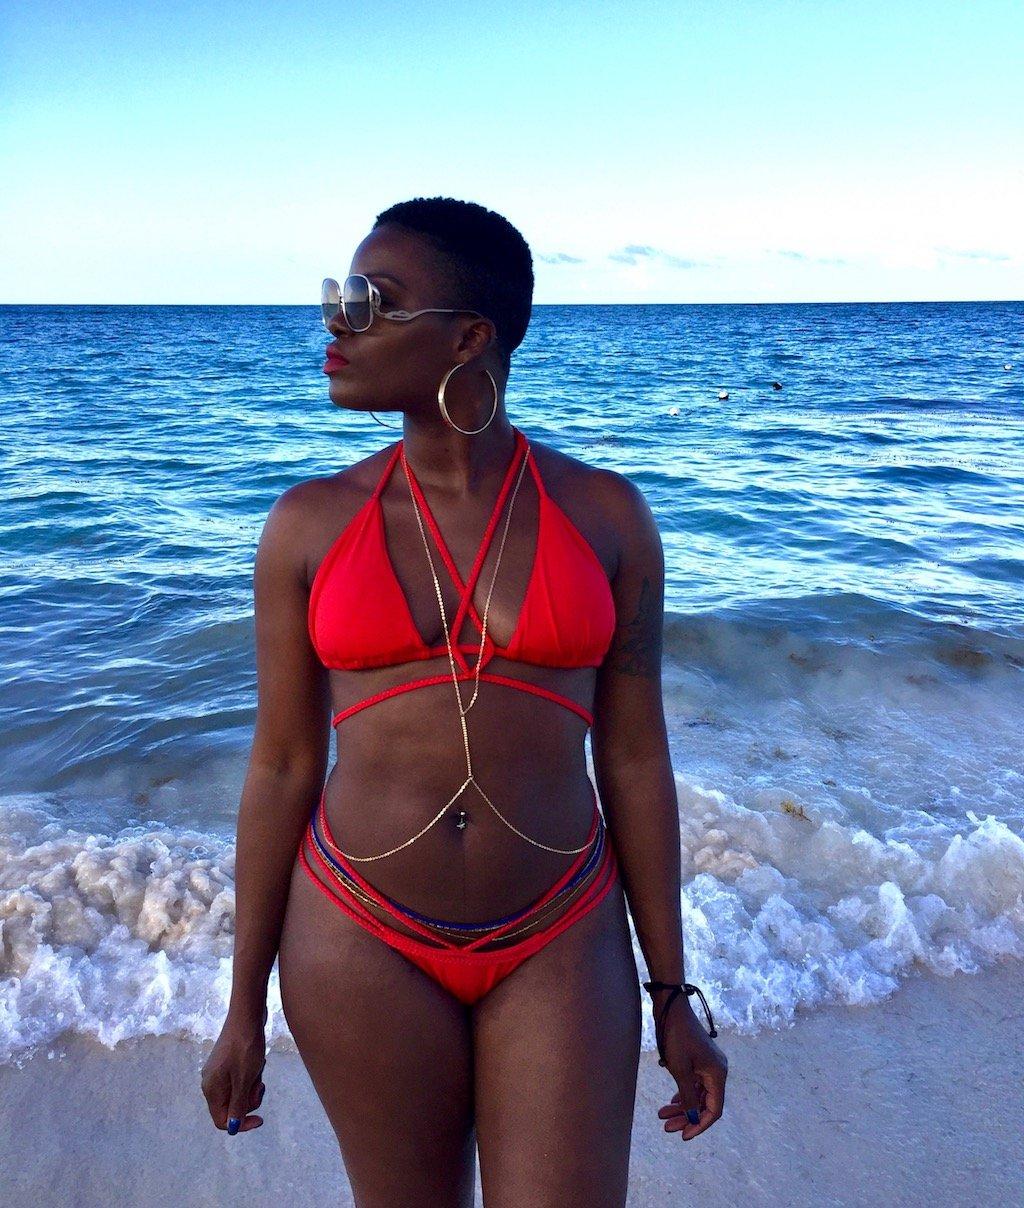 Red Braided String Bikini Punta Cana